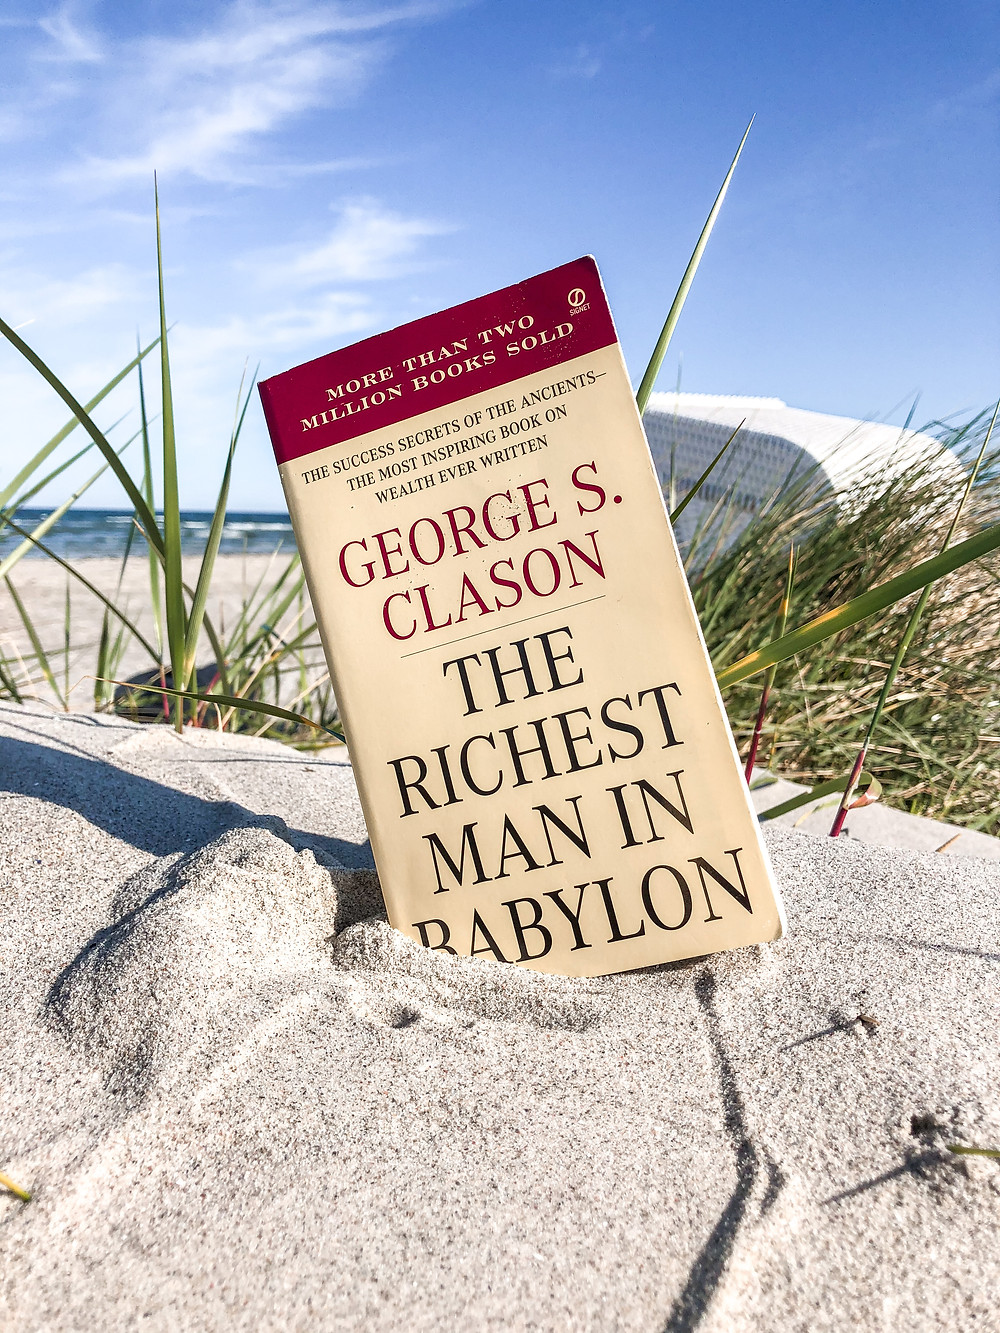 Der reichste Mann von Babylon stellt die absolute Grundlage für alle Bücher des Themas Money-Mindsets und Geldanlage dar. Autoren wie Bodo Schäfer und Robert Kiyosaki haben sich davon inspirieren lassen.